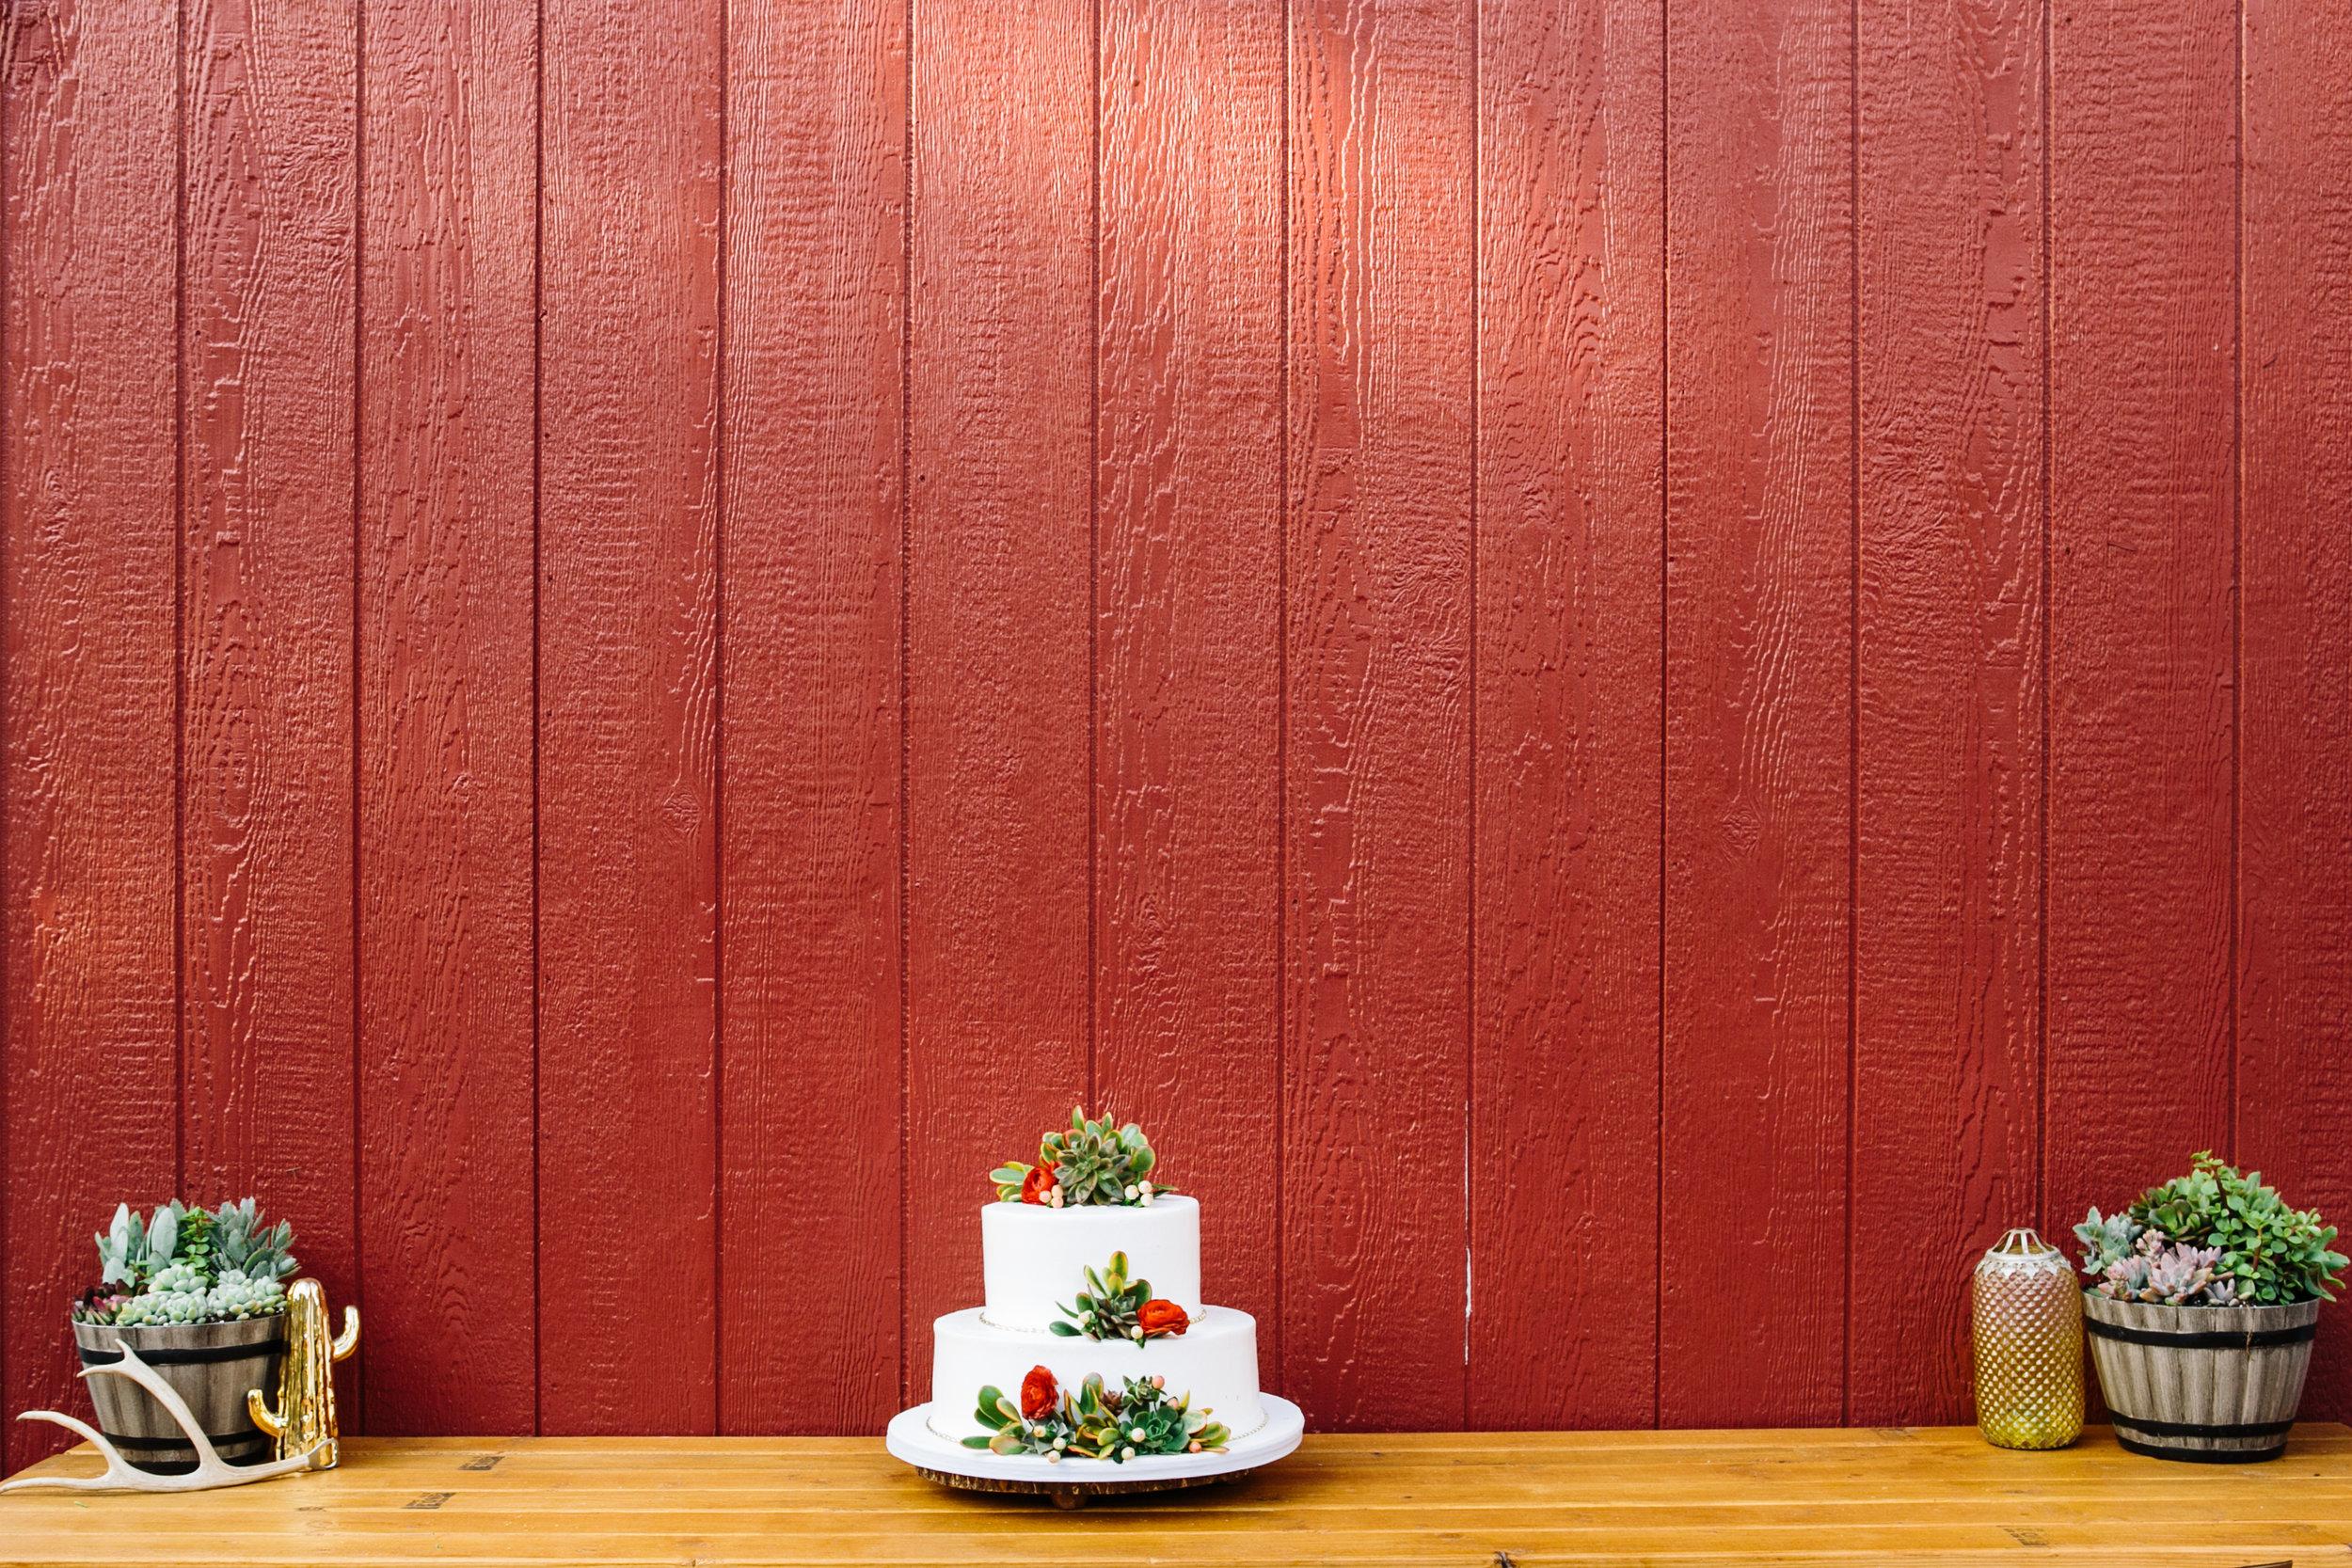 Reptacular Ranch wedding cake detail